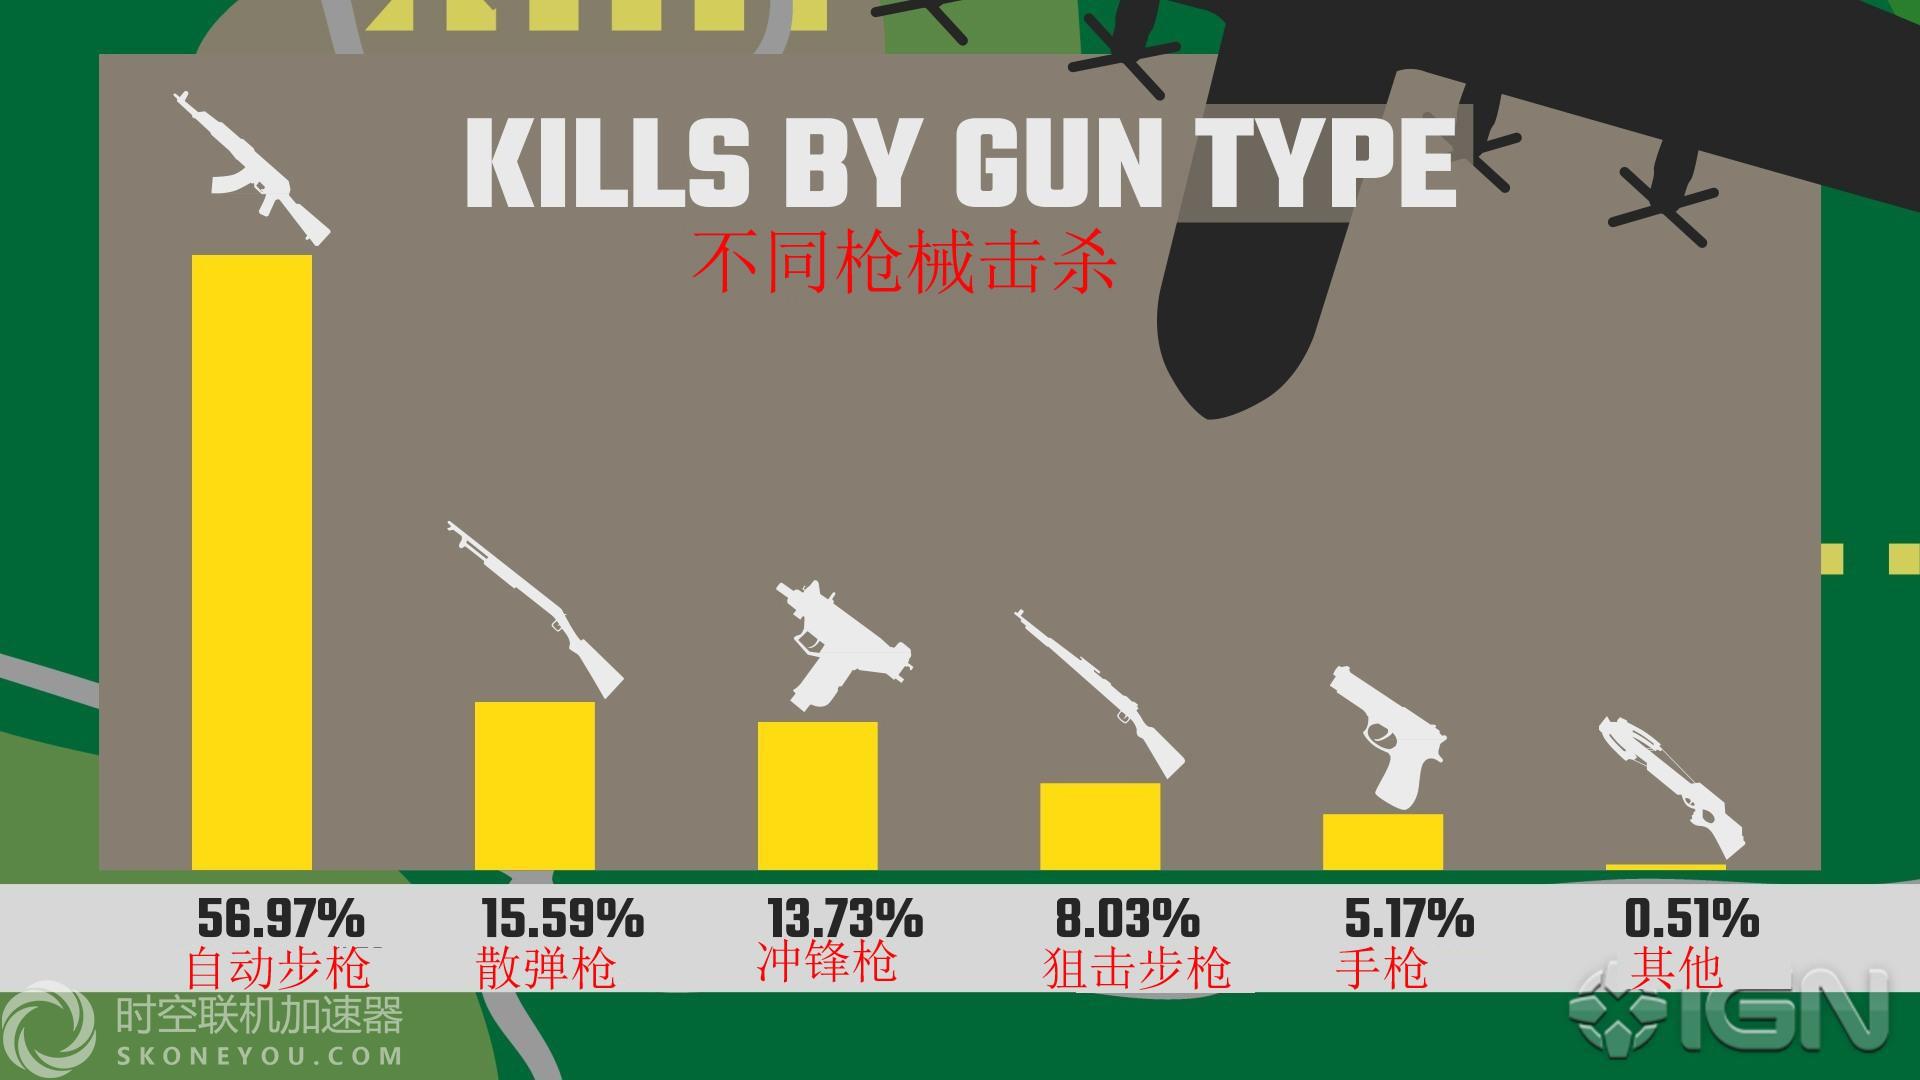 绝地求生不同枪械击杀比例